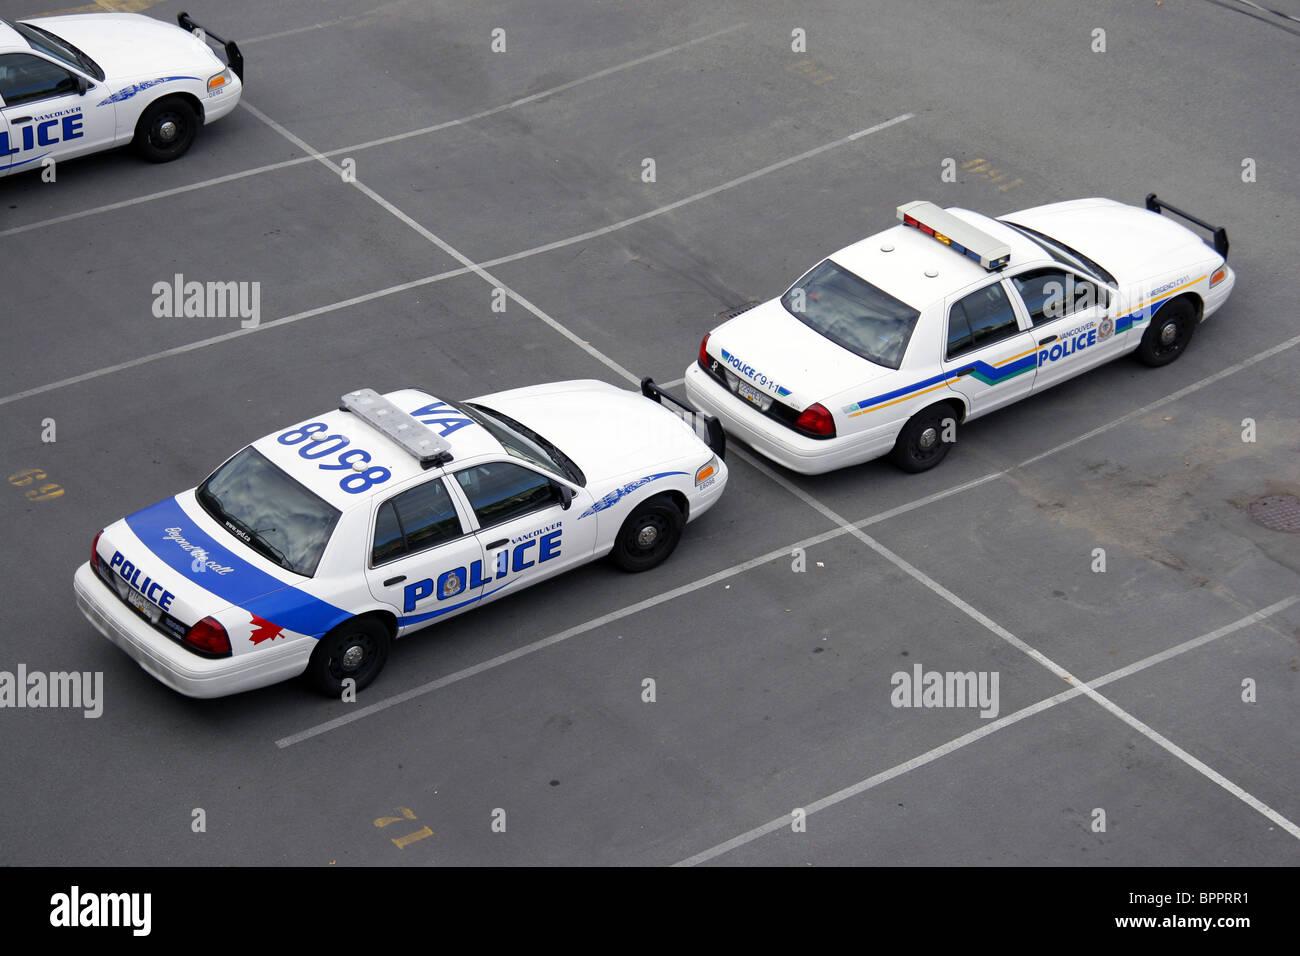 Los vehículos del departamento de policía de Vancouver, Vancouver, British Columbia, Canadá Imagen De Stock